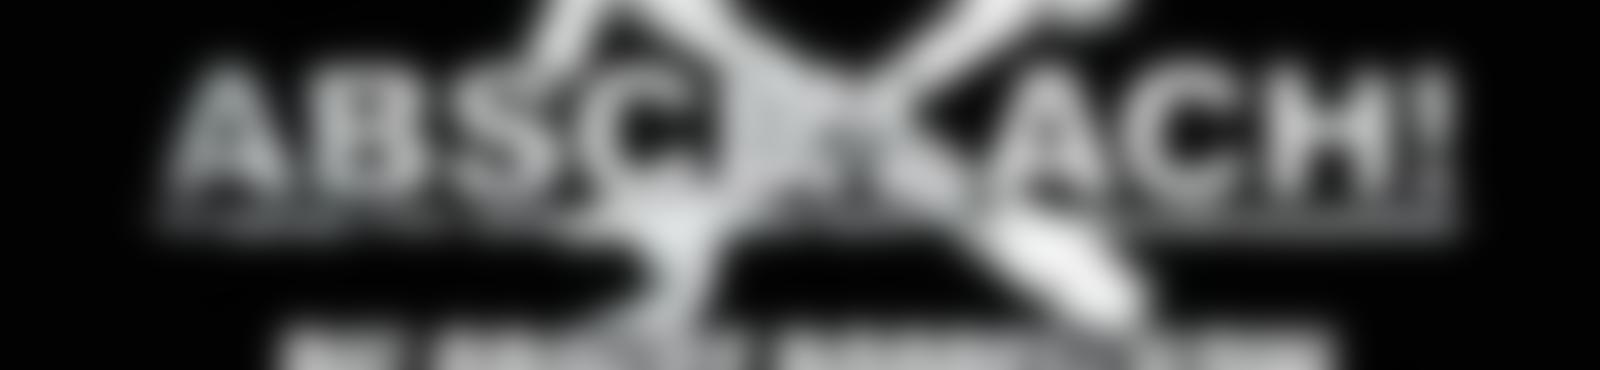 Blurred 026a94b0 530d 4570 a403 8749716104c4